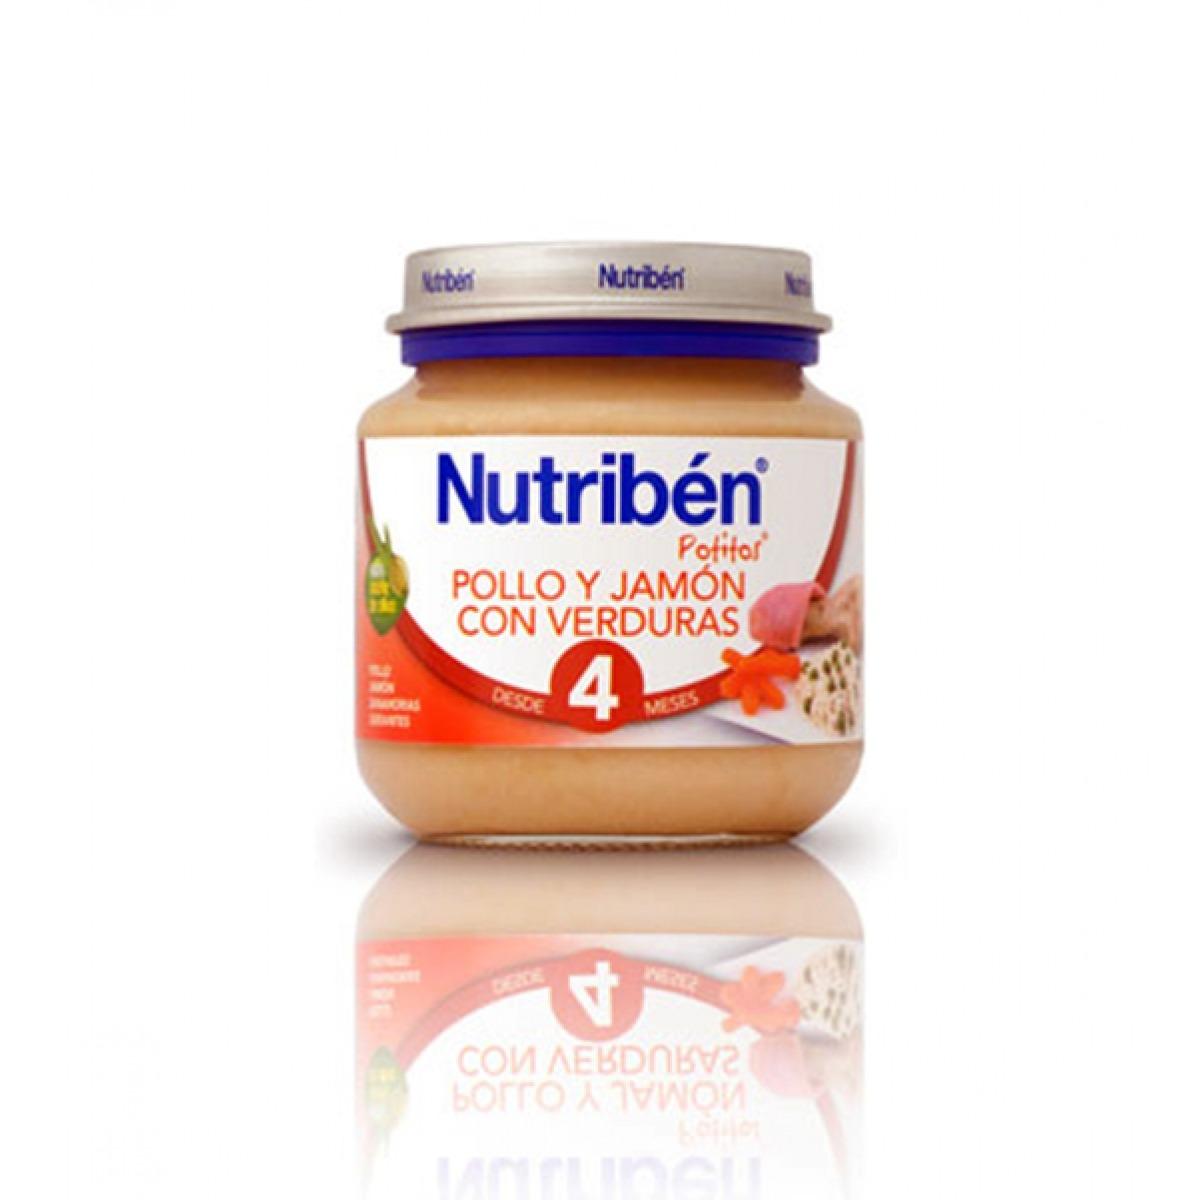 NUTRIBEN POLLO Y JAMN CON VERDURAS 130 G.